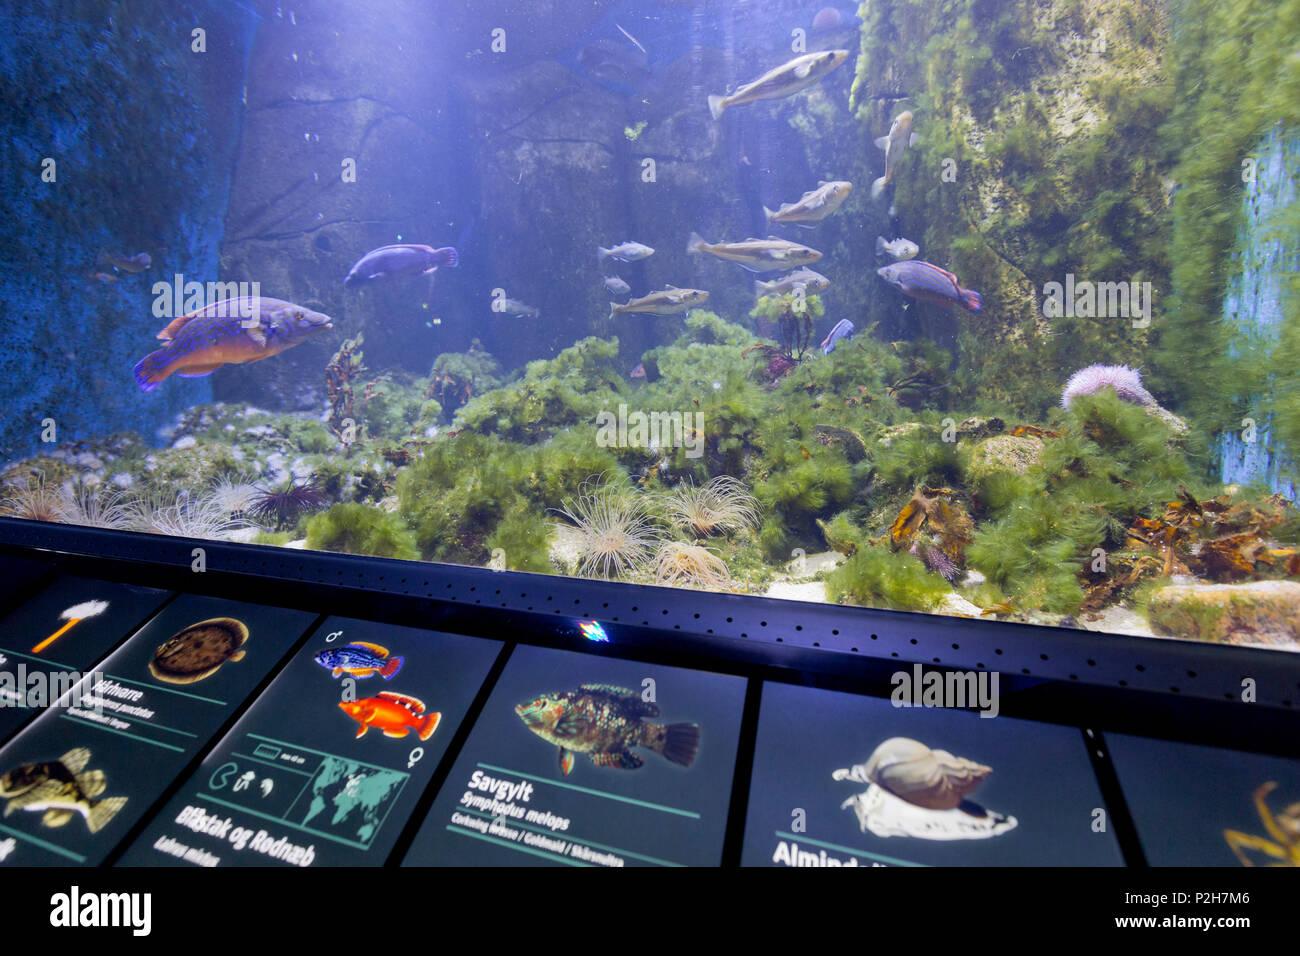 Den Bla planète bleu, Plante Aquarium, Copenhague, Danemark Photo Stock